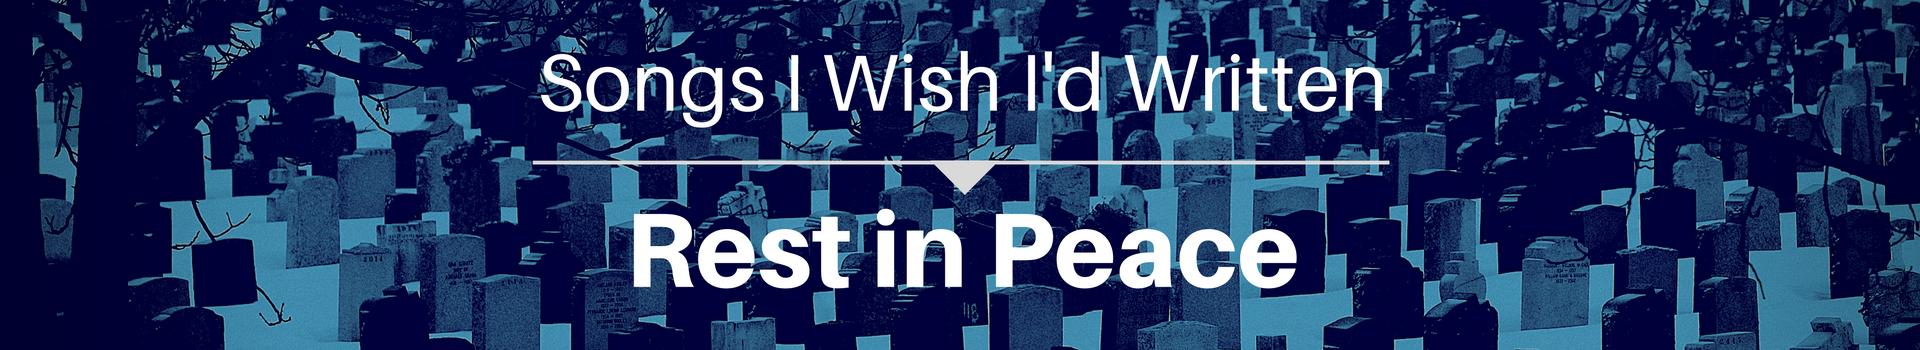 Songs I Wish I'd Written: Rest In Peace